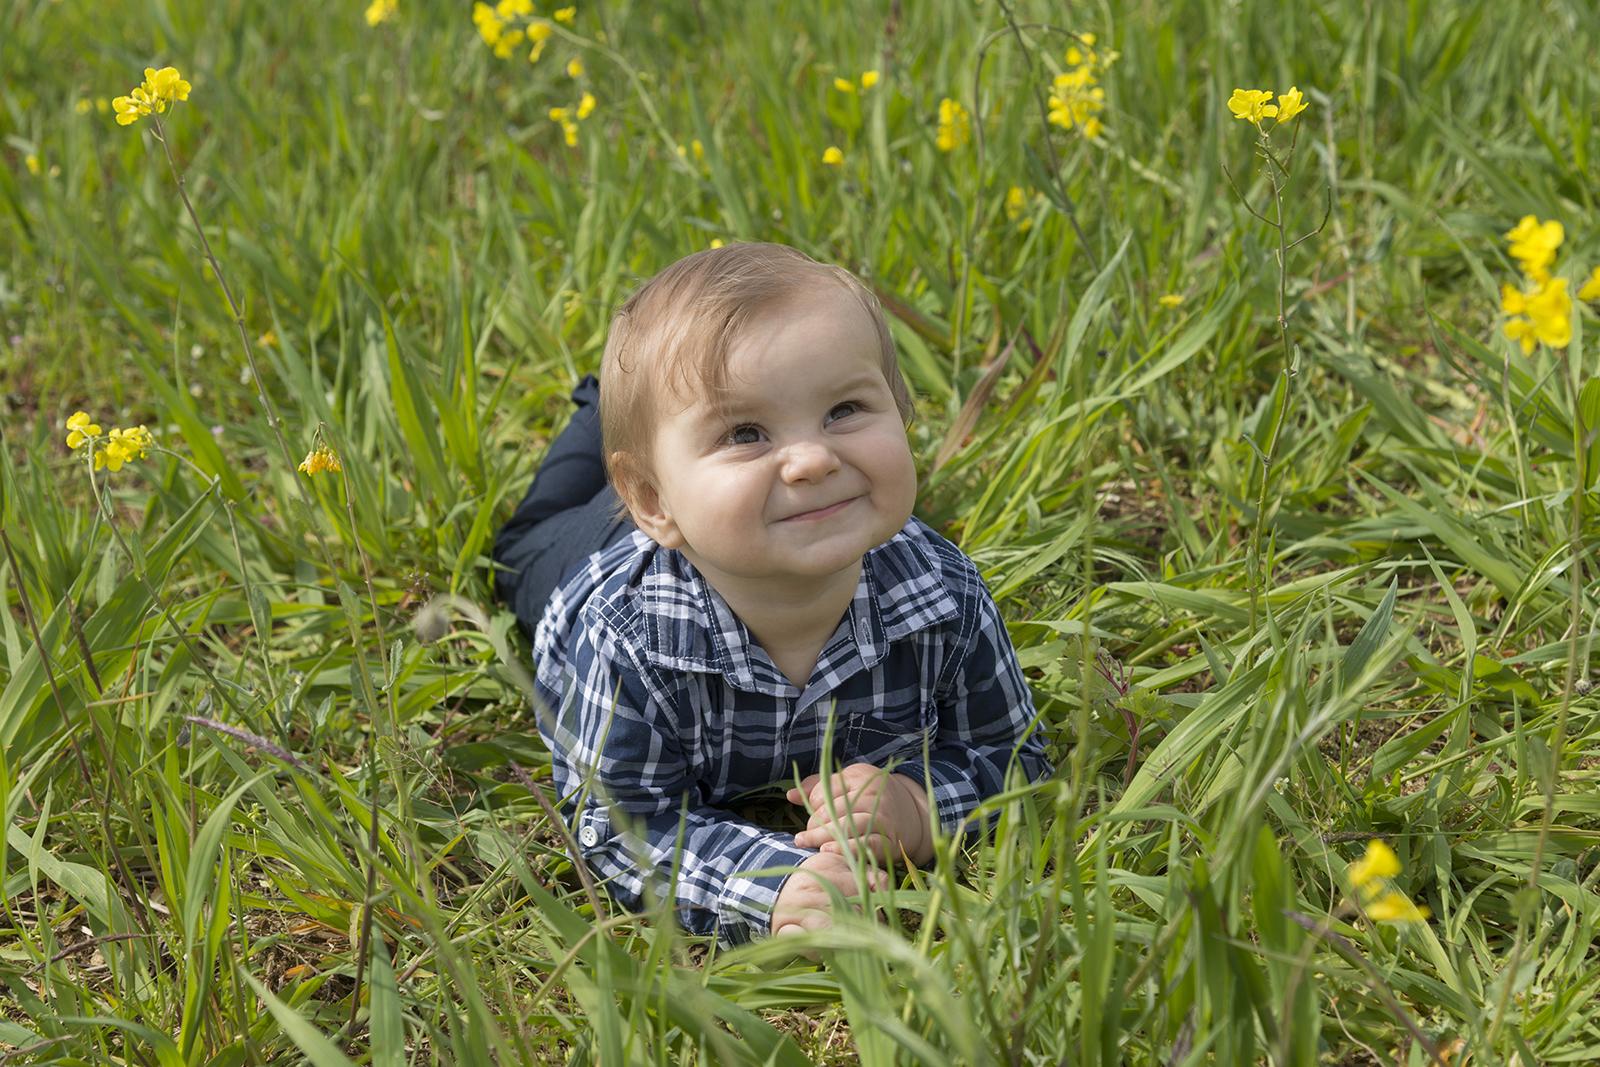 petit garçon dans l'herbe à plat ventre